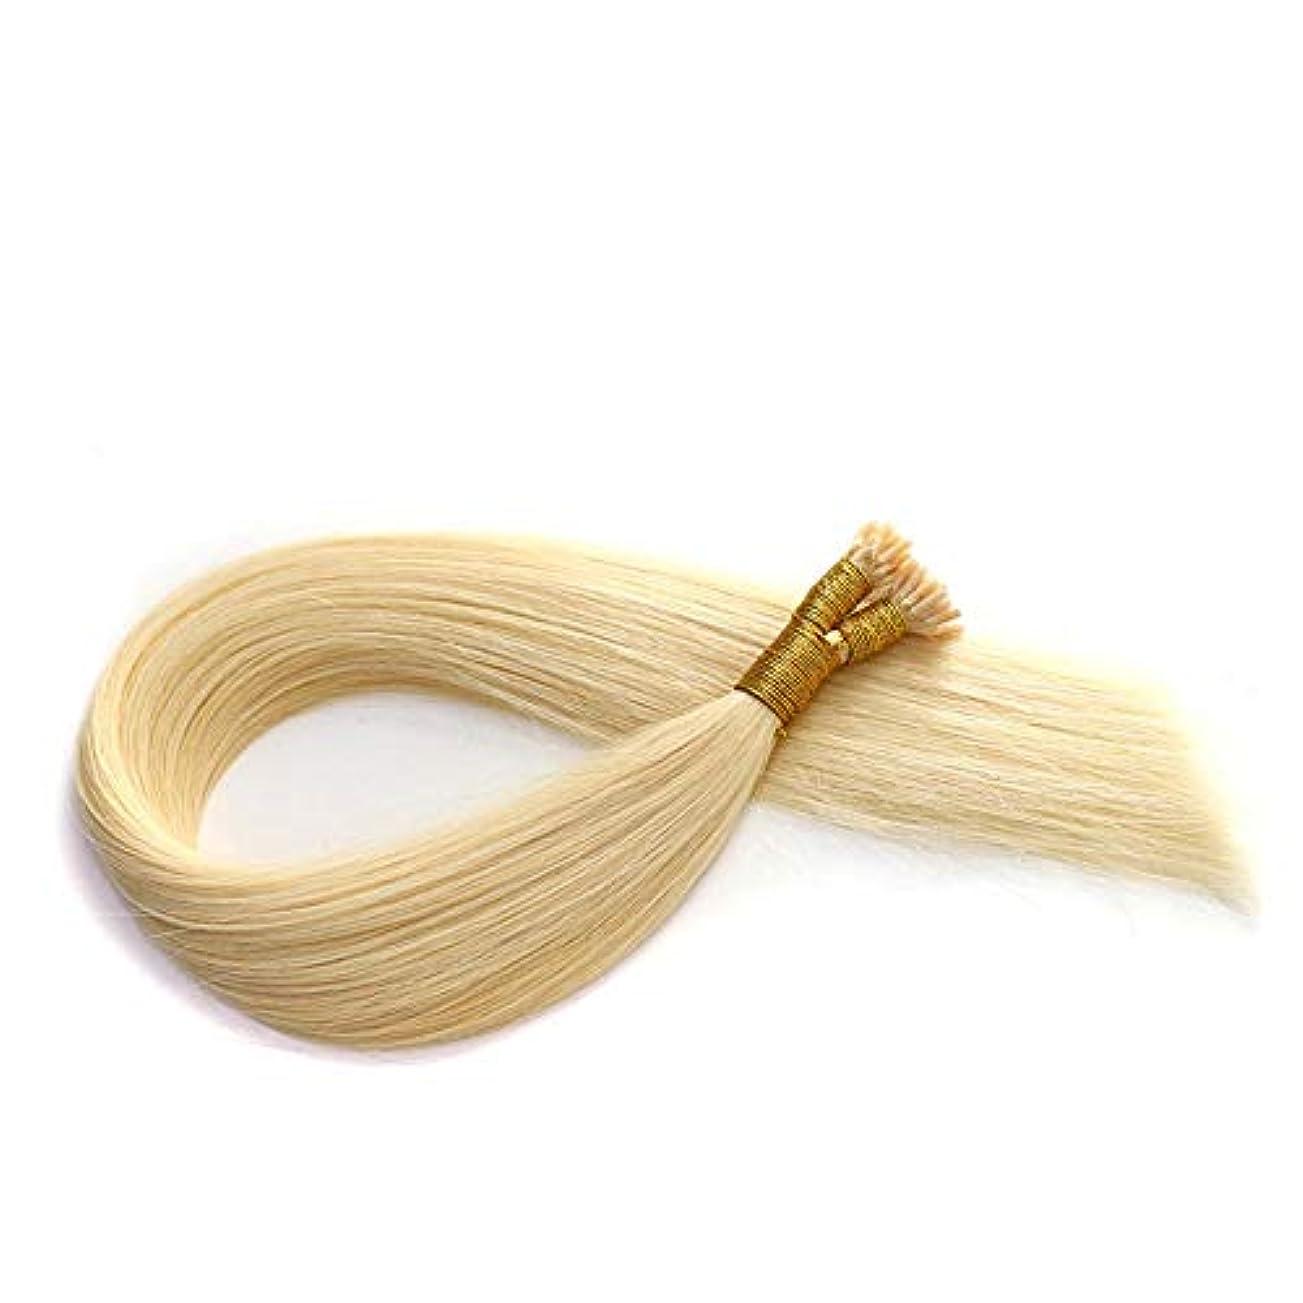 気質行進ジュラシックパークWASAIO ヘアエクステンションクリップのシームレスな髪型ブロンドナノリングリテラル太い人間レミーすべての長さの光 (色 : Blonde, サイズ : 12 inch)